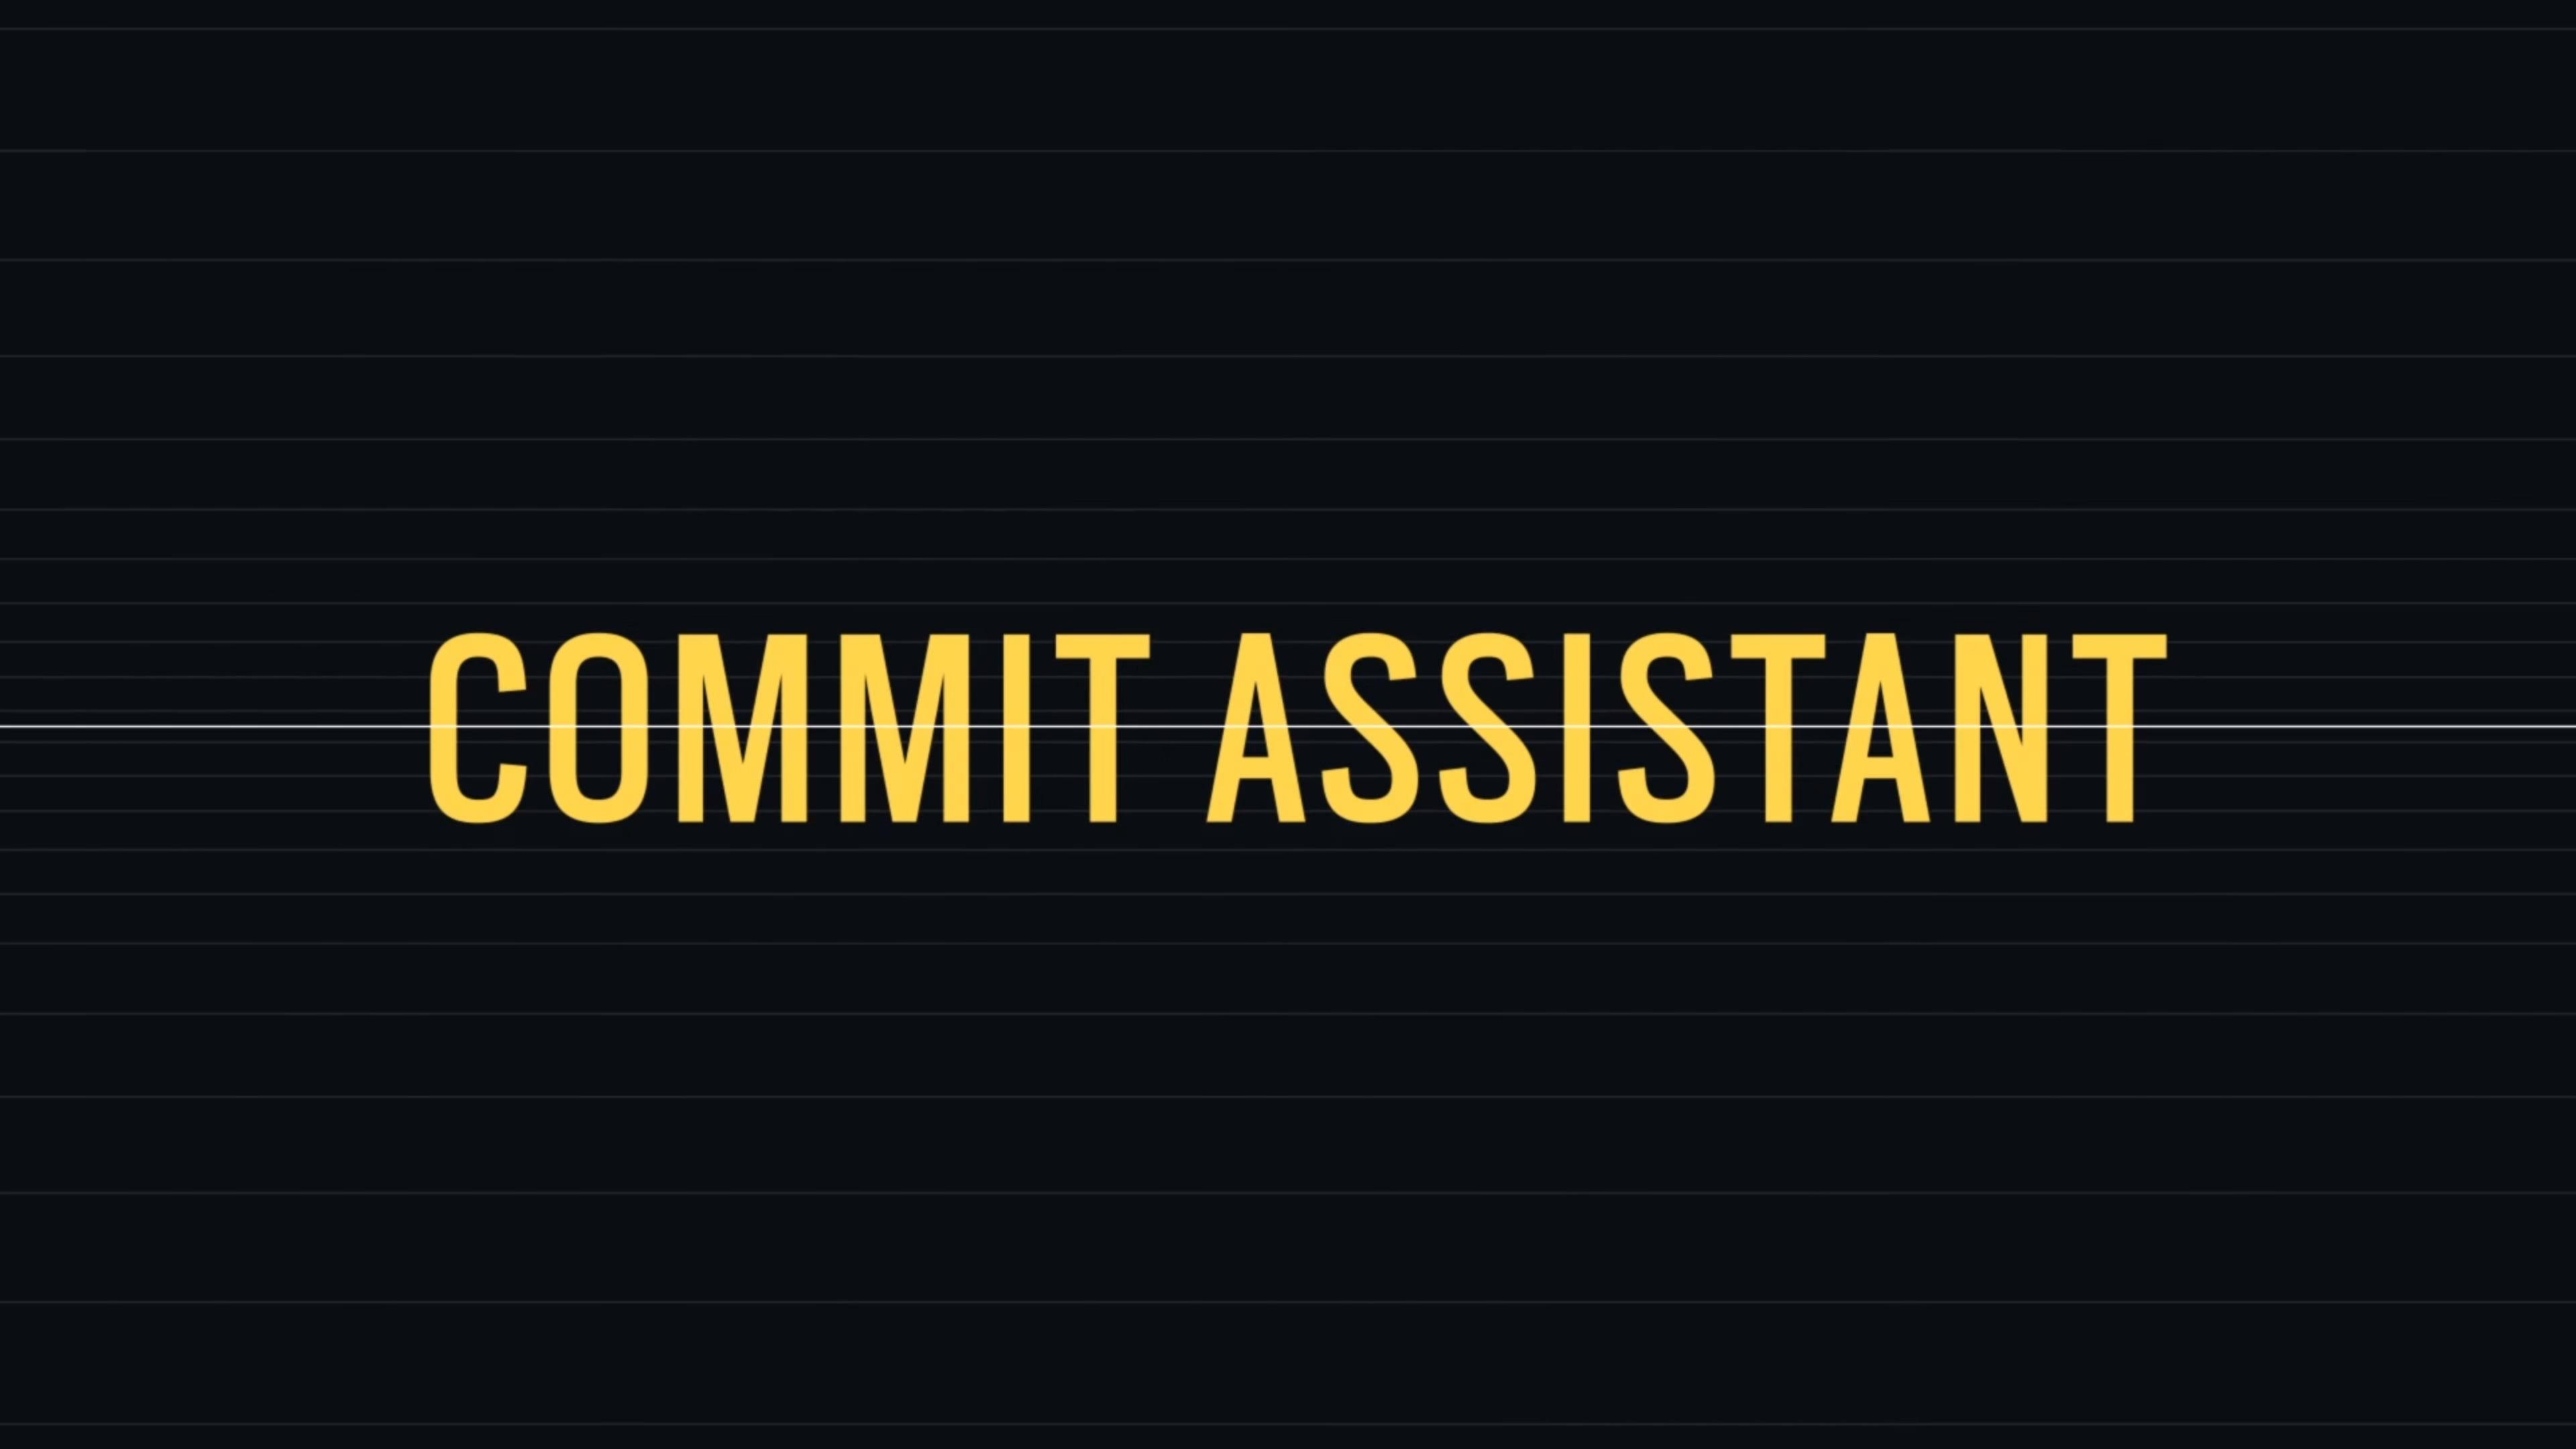 Commit assistant ubisoft